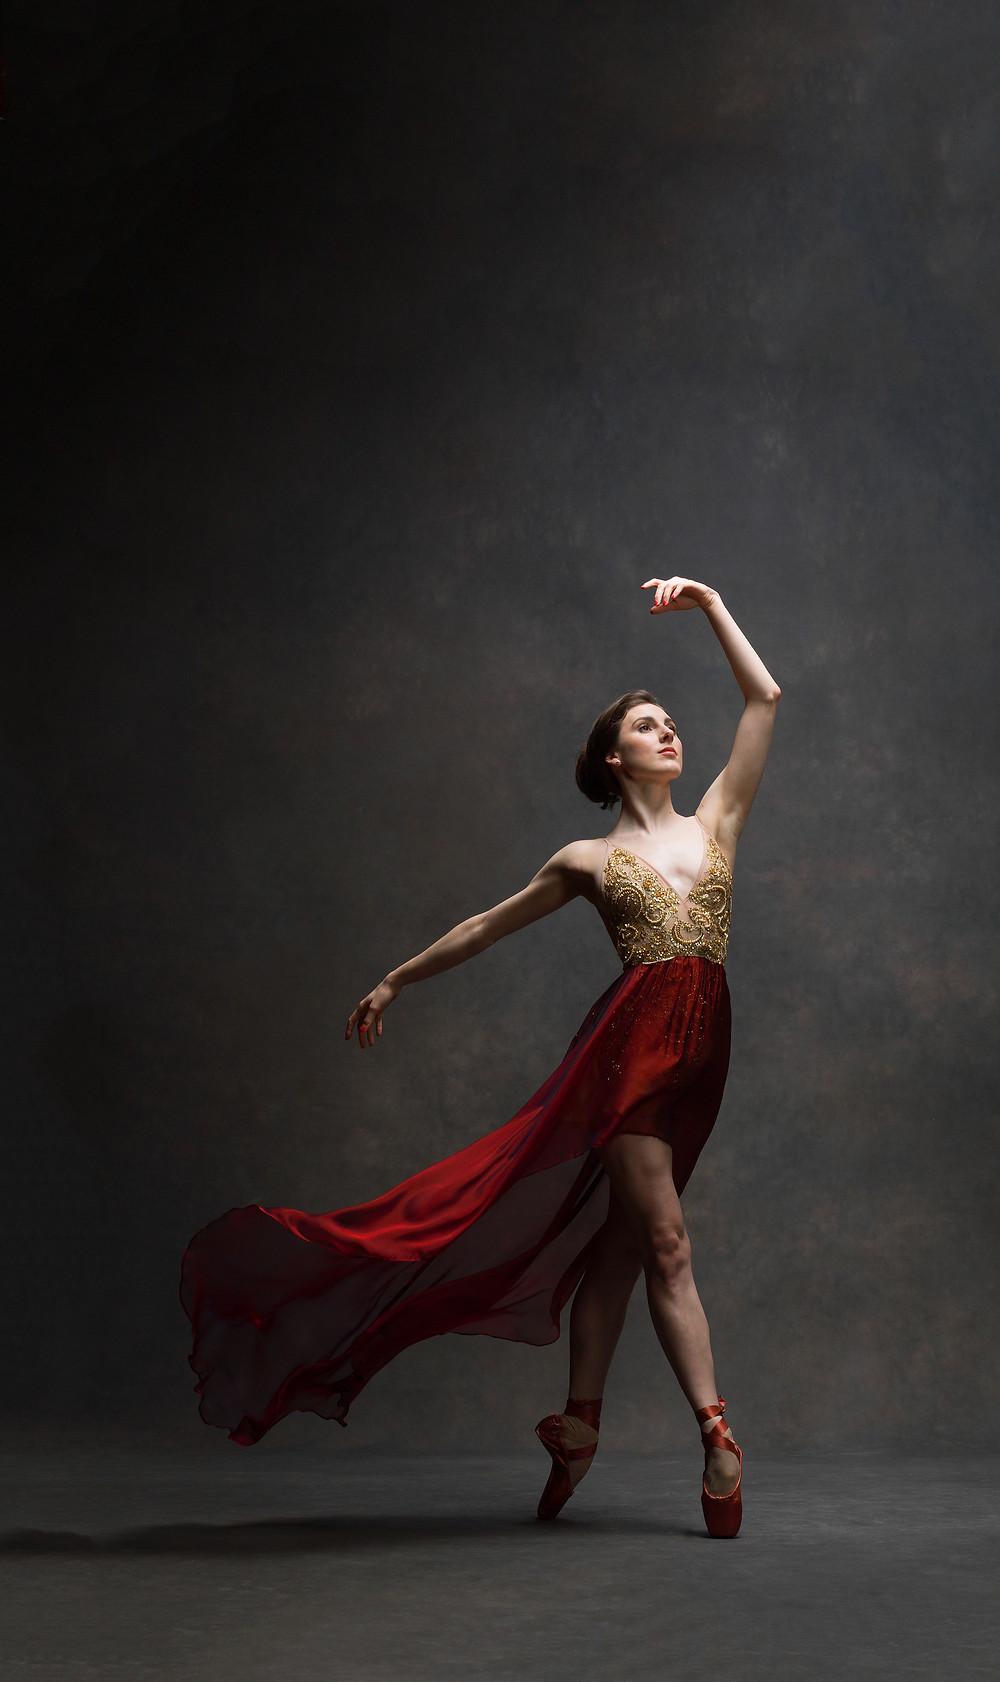 Tiler Peck BalletNow